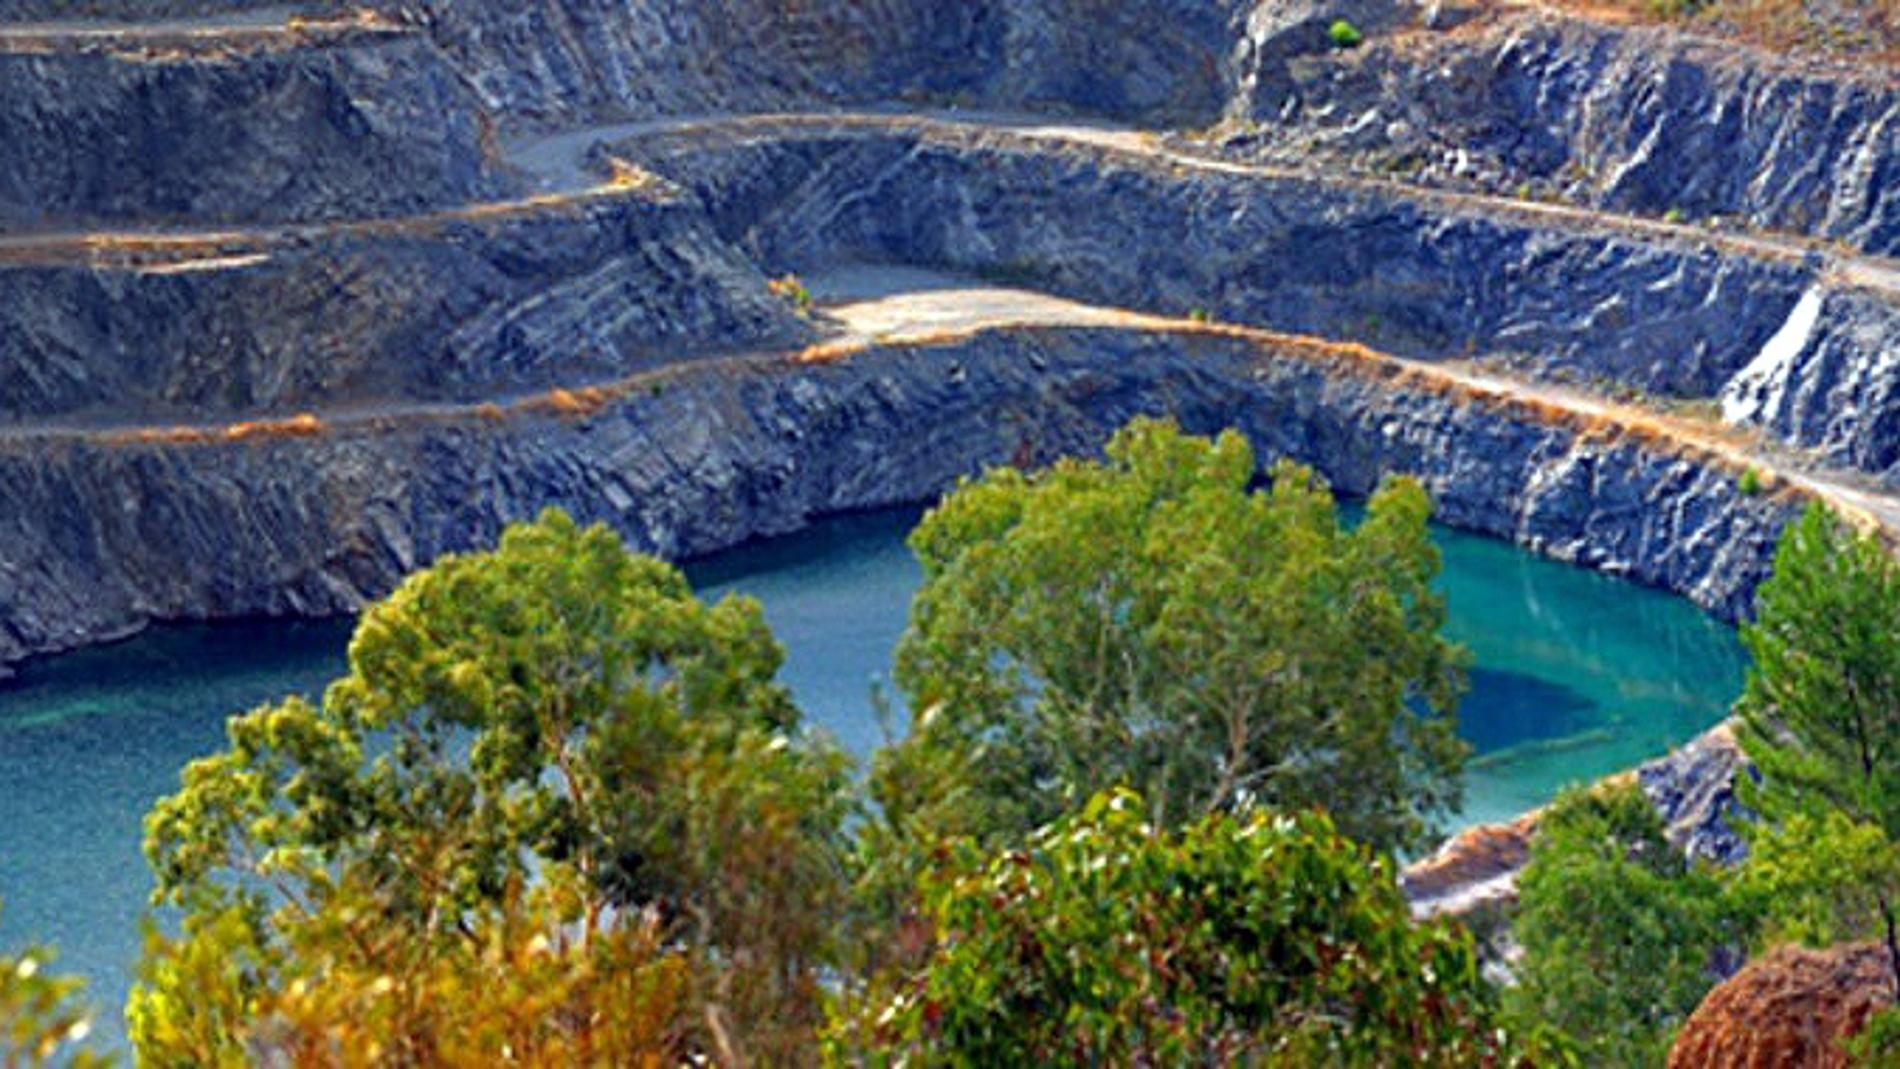 Adelaide Hills Quarry (Australia). Fuent